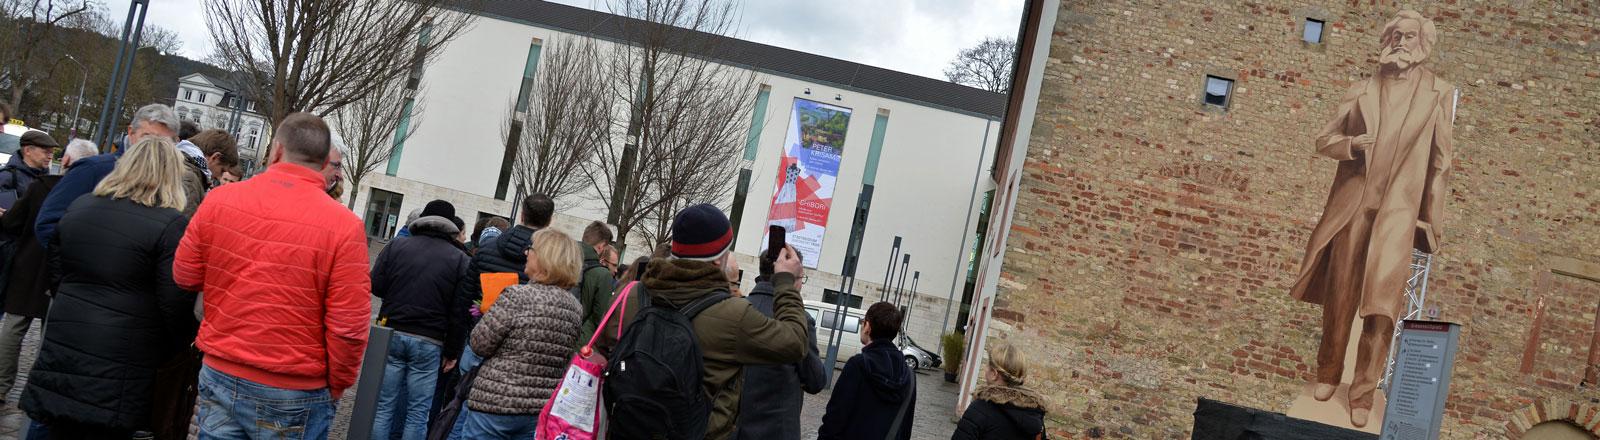 Passanten betrachten am 01.03.2017 in Trier einen hölzernen Schattenriss in Originalgröße einer geplanten Karl Marx-Statue, die 6,30 Meter hoch werden soll; Foto: dpa